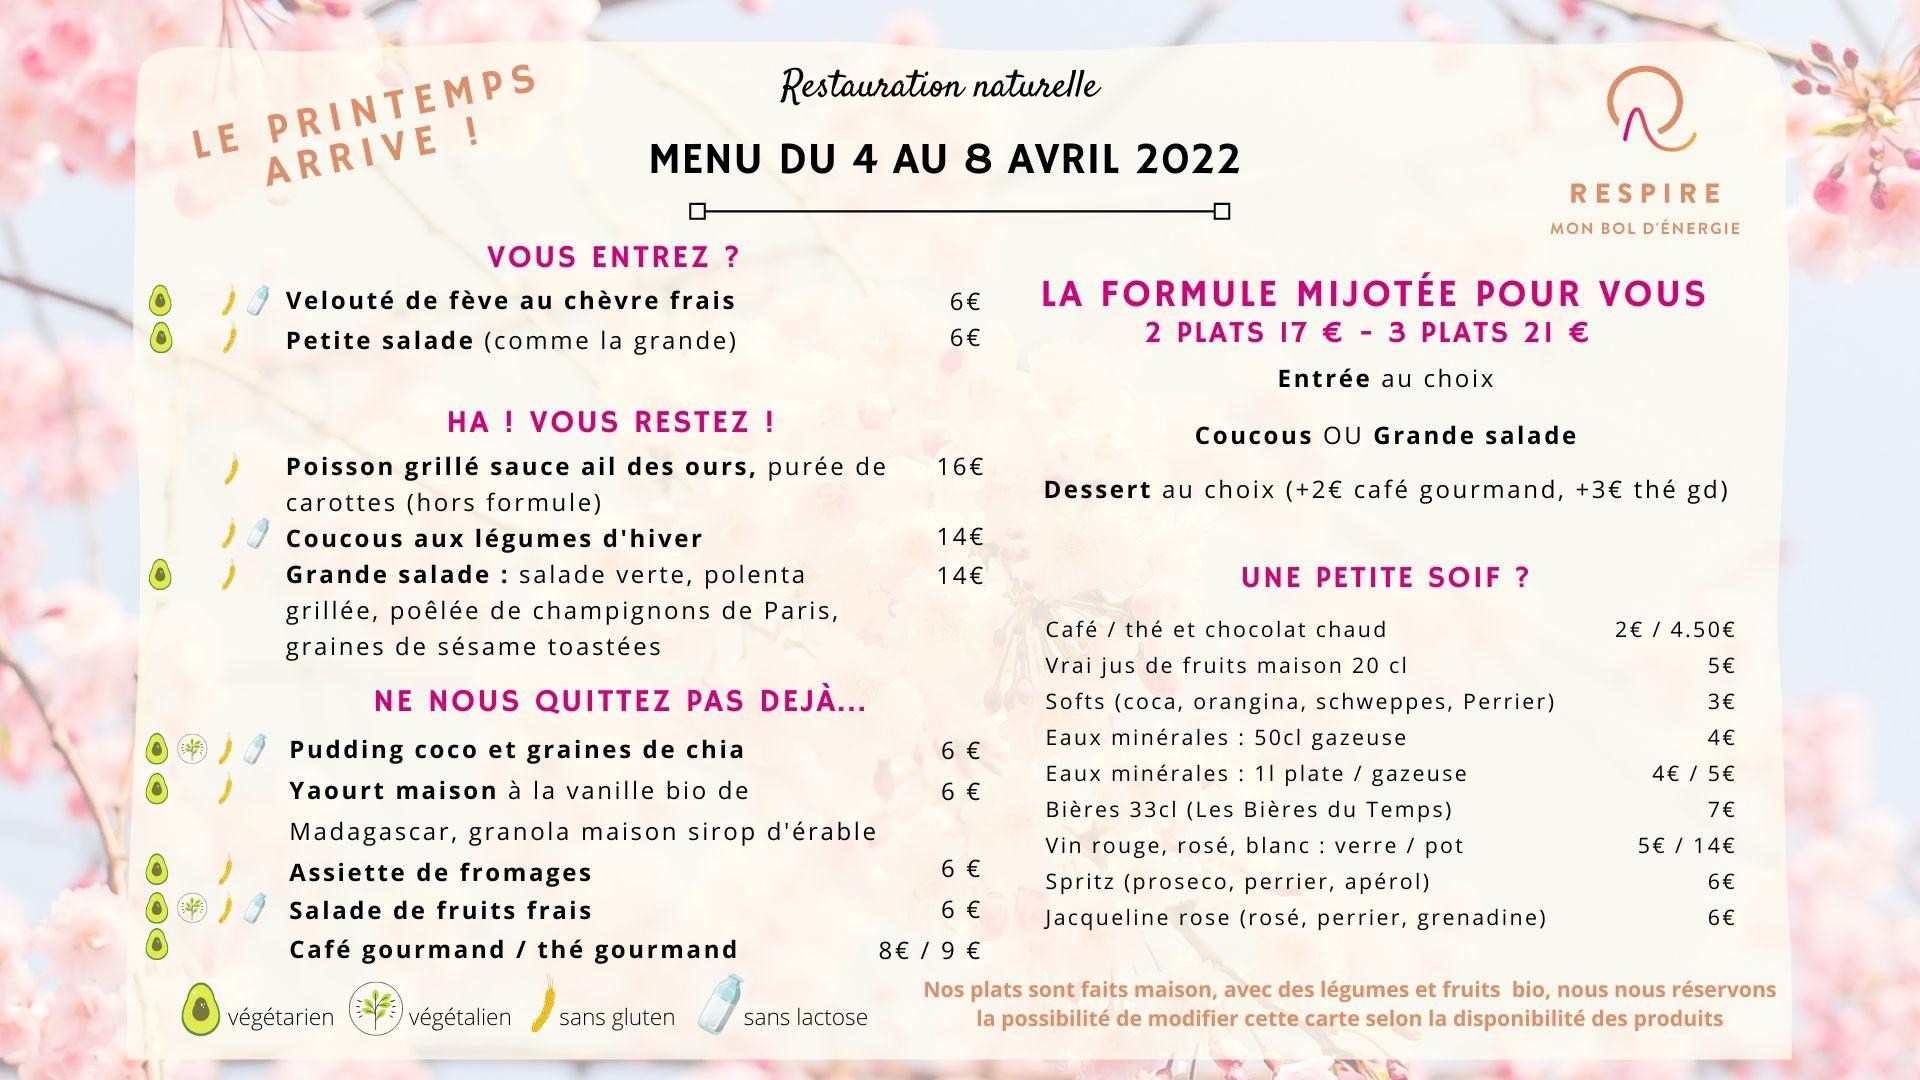 Carte menu cuisine naturelle produits de saison Théo Coutier Respire Restaurant Bourgoin Jallieu formule 16€ 20€